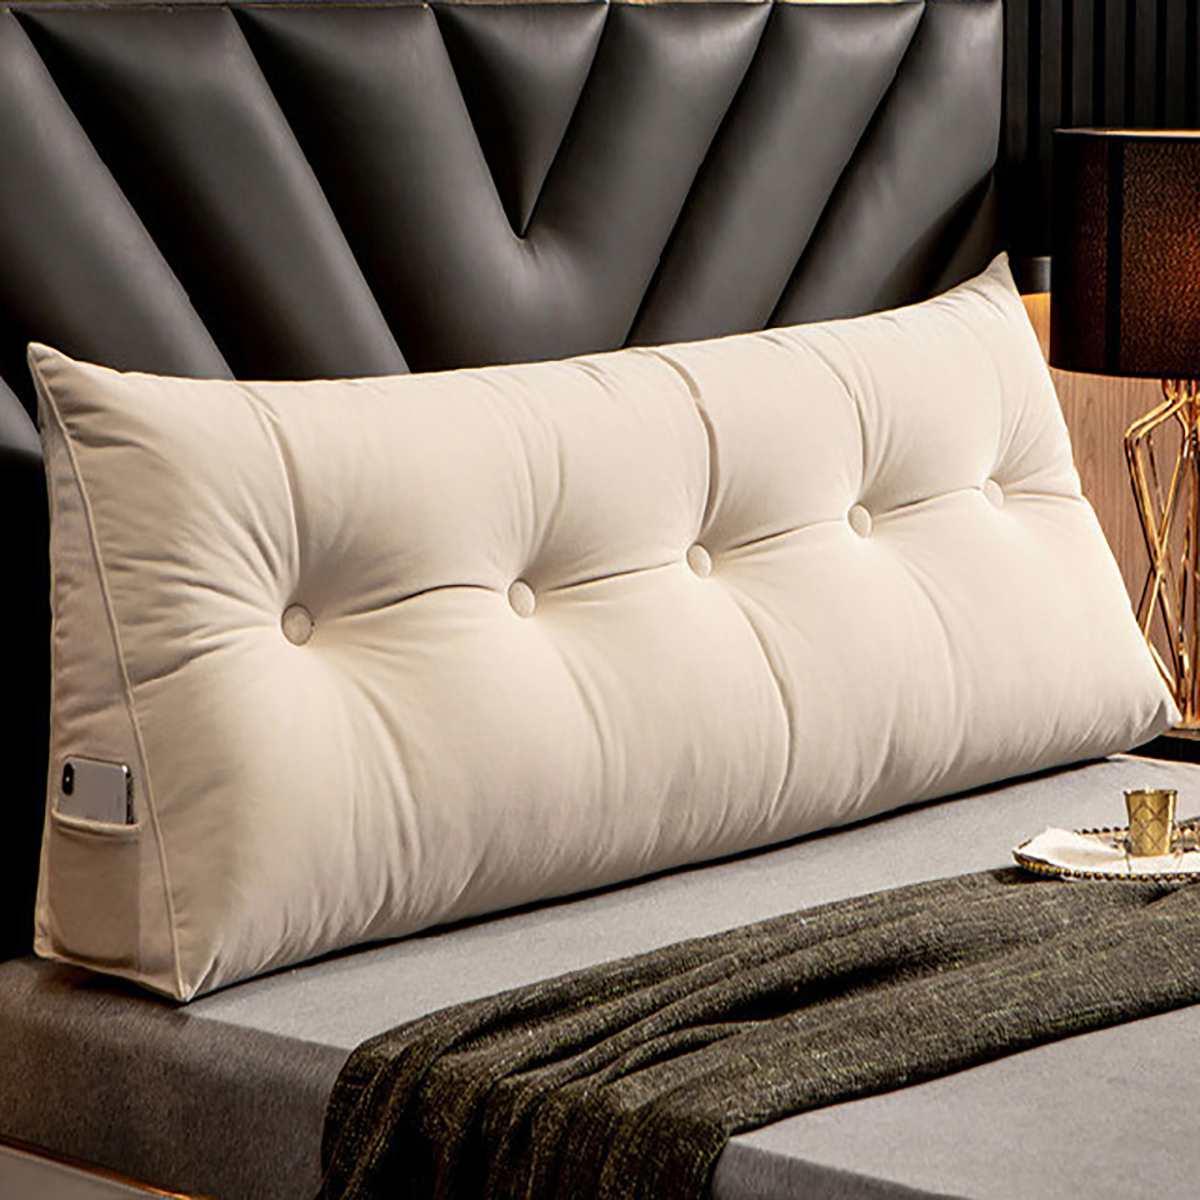 وسادة سرير طويلة مثلثة ، مسند ظهر كبير ، ناعم ، مسند ظهر ، وسادة طويلة